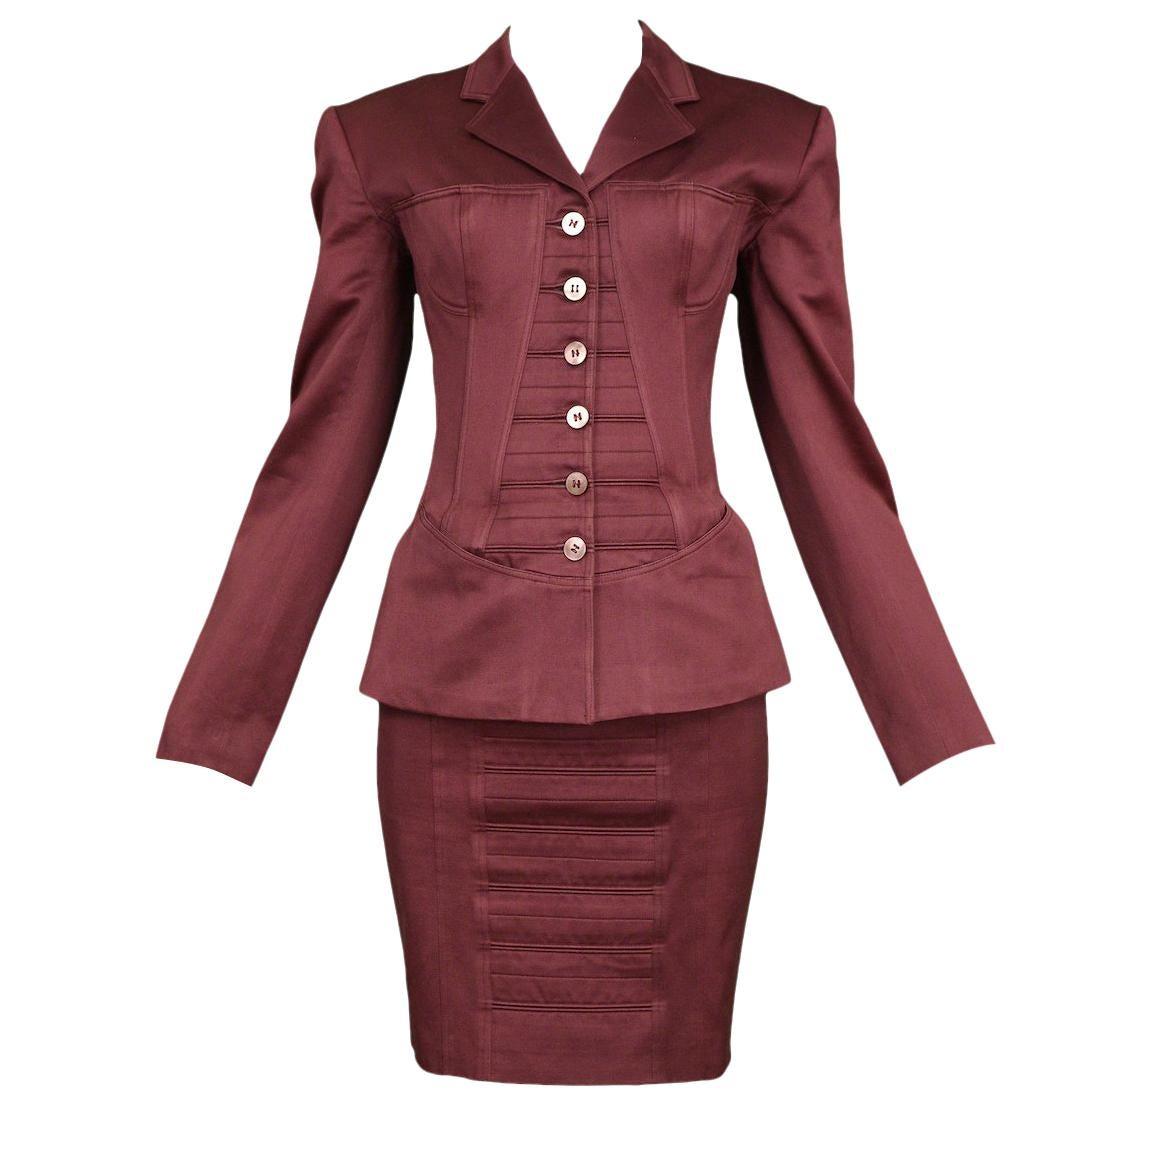 Vintage Alaia Burgundy Corset Skirt Suit 1992